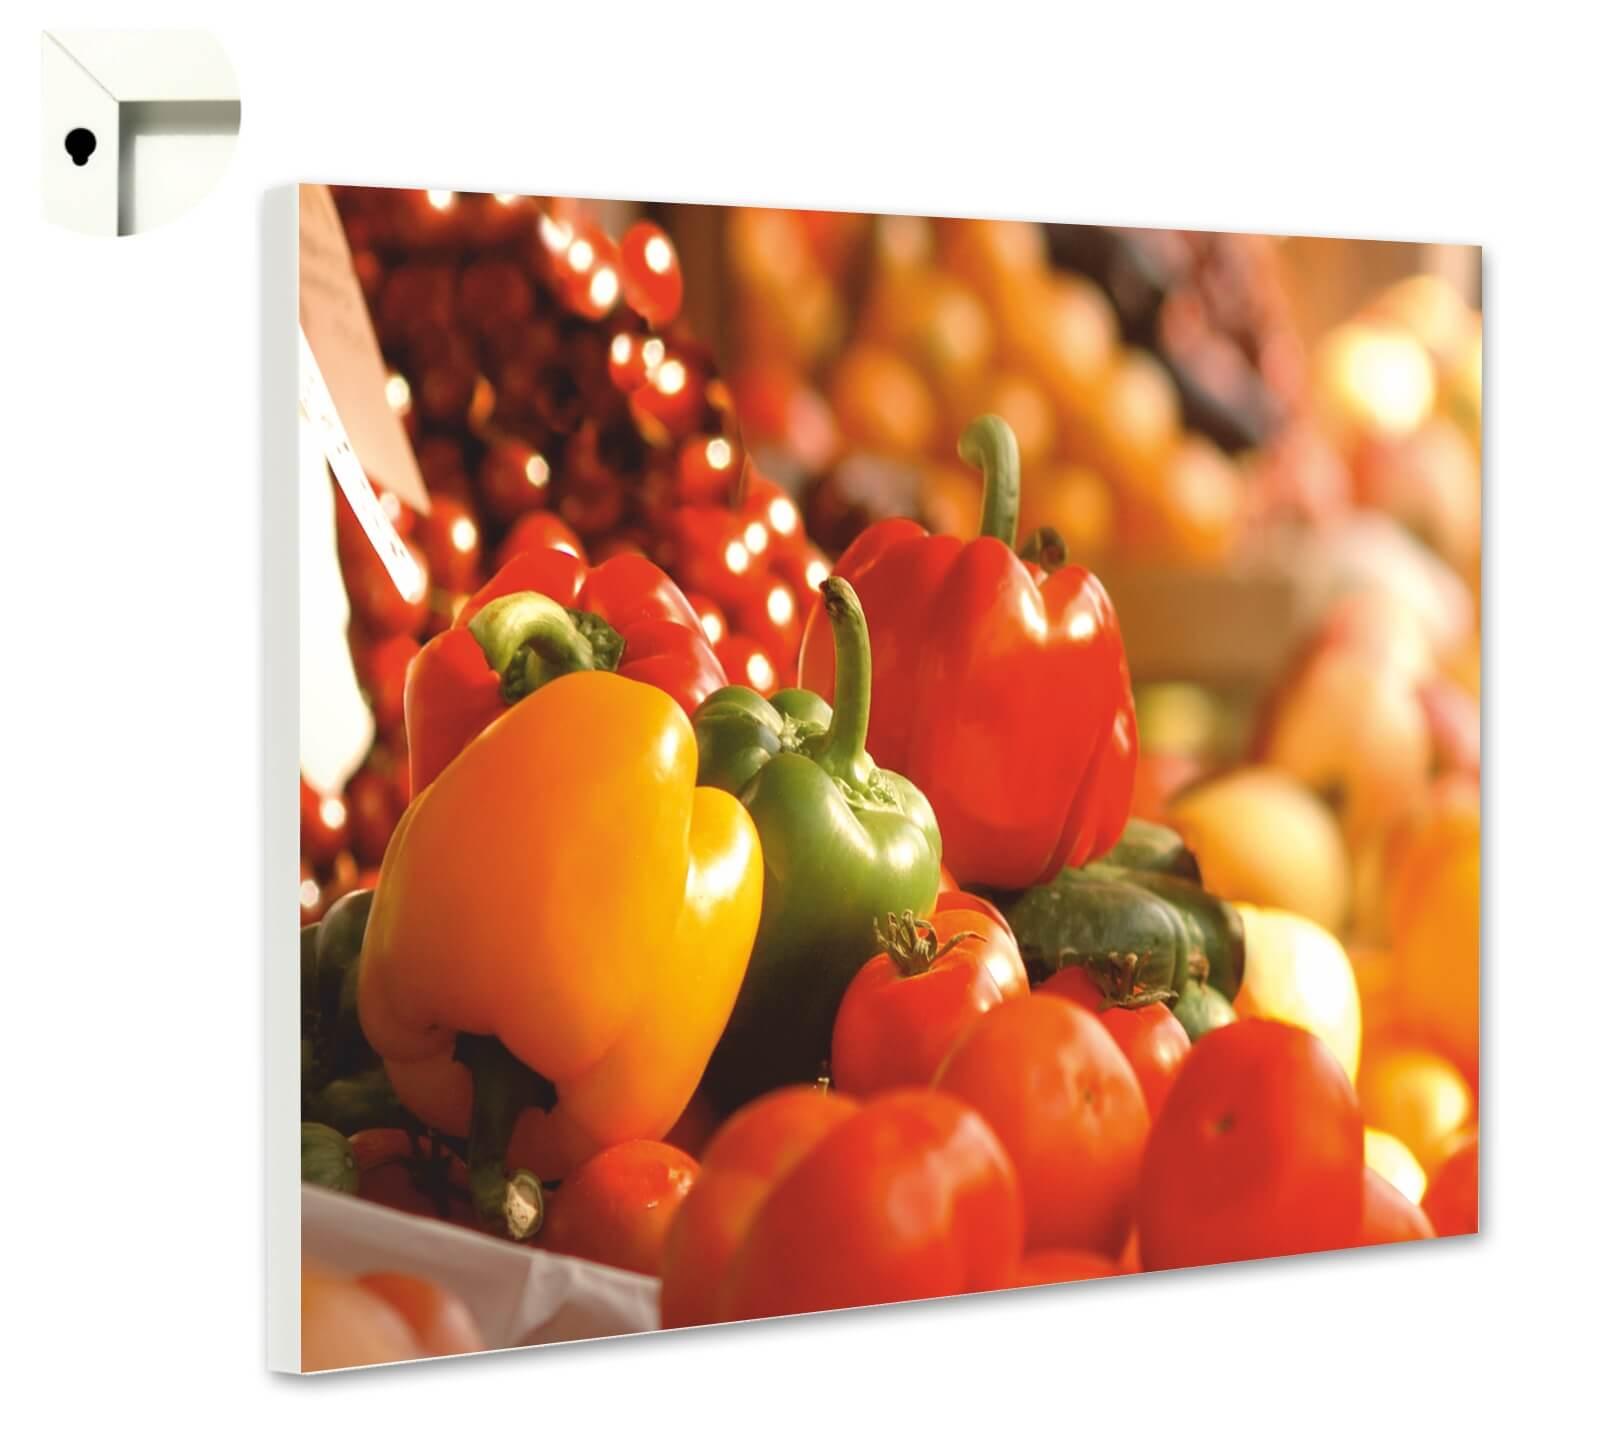 Magnettafel Pinnwand mit Motiv Küche Essen /& Trinken Veggie